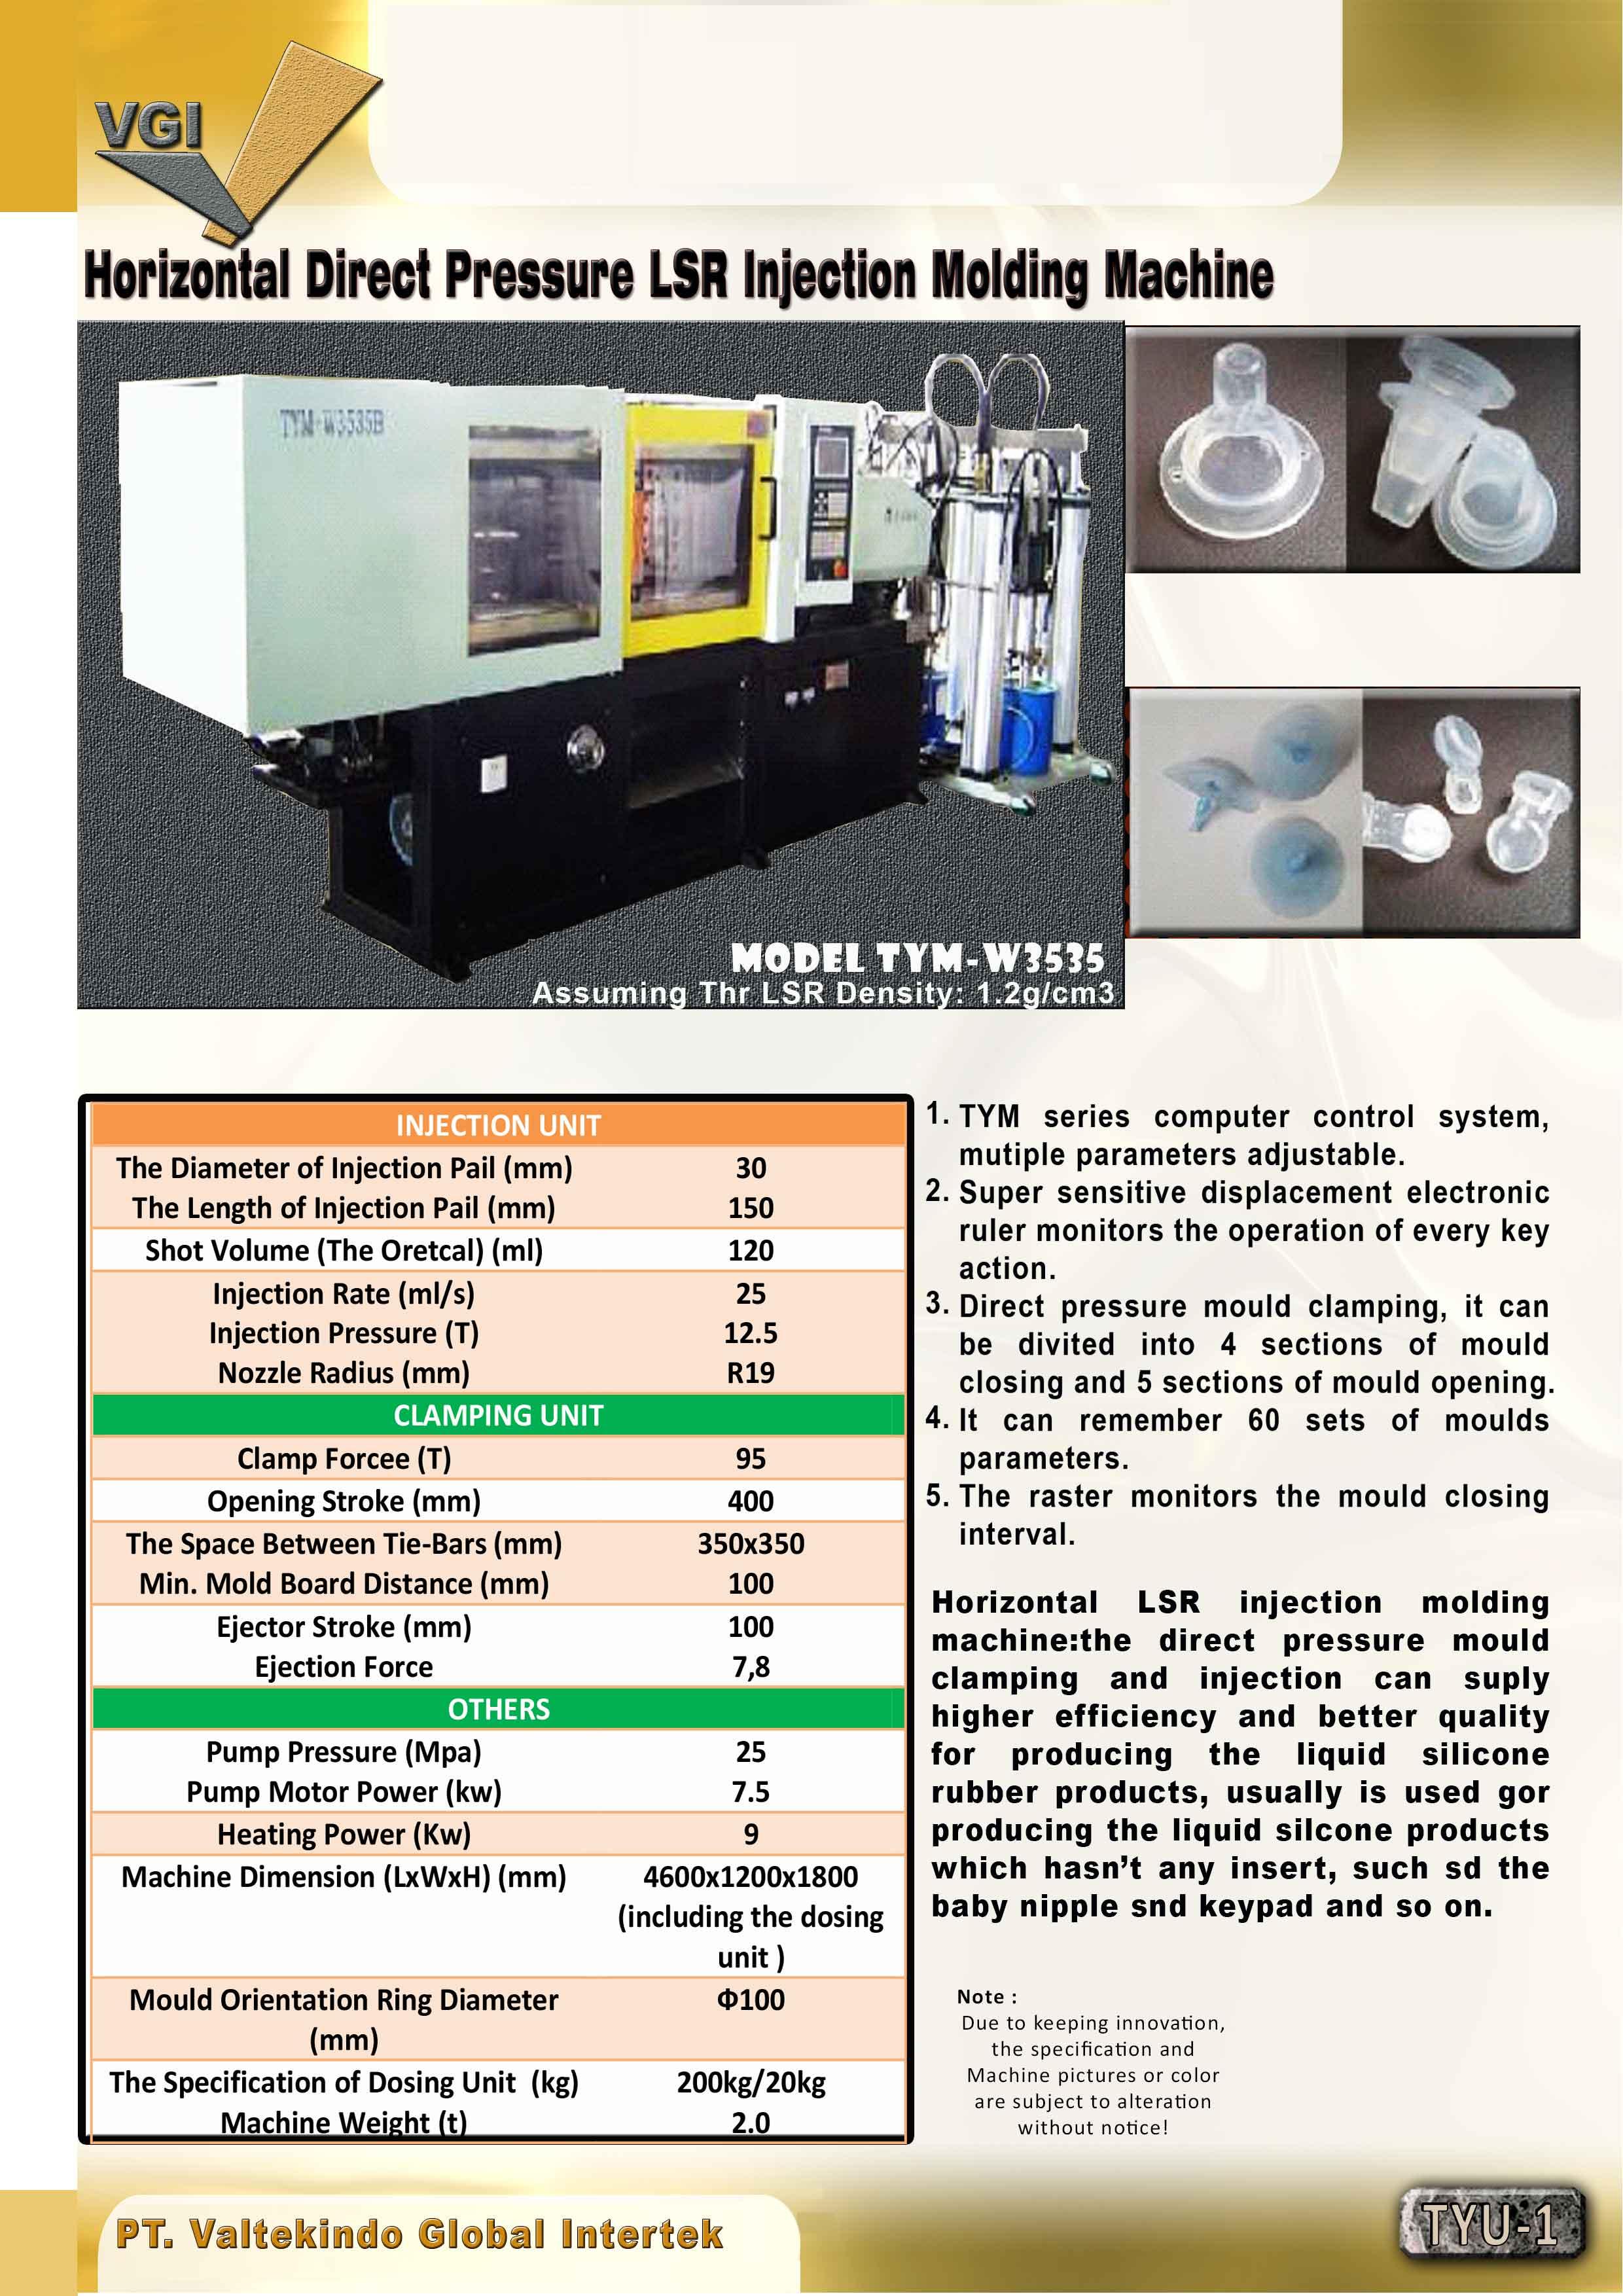 jual mesin Horizontal Direct Pressure LSR Injection Molding Machine Horizontal Direct Pressure LSR Injection Molding Machine